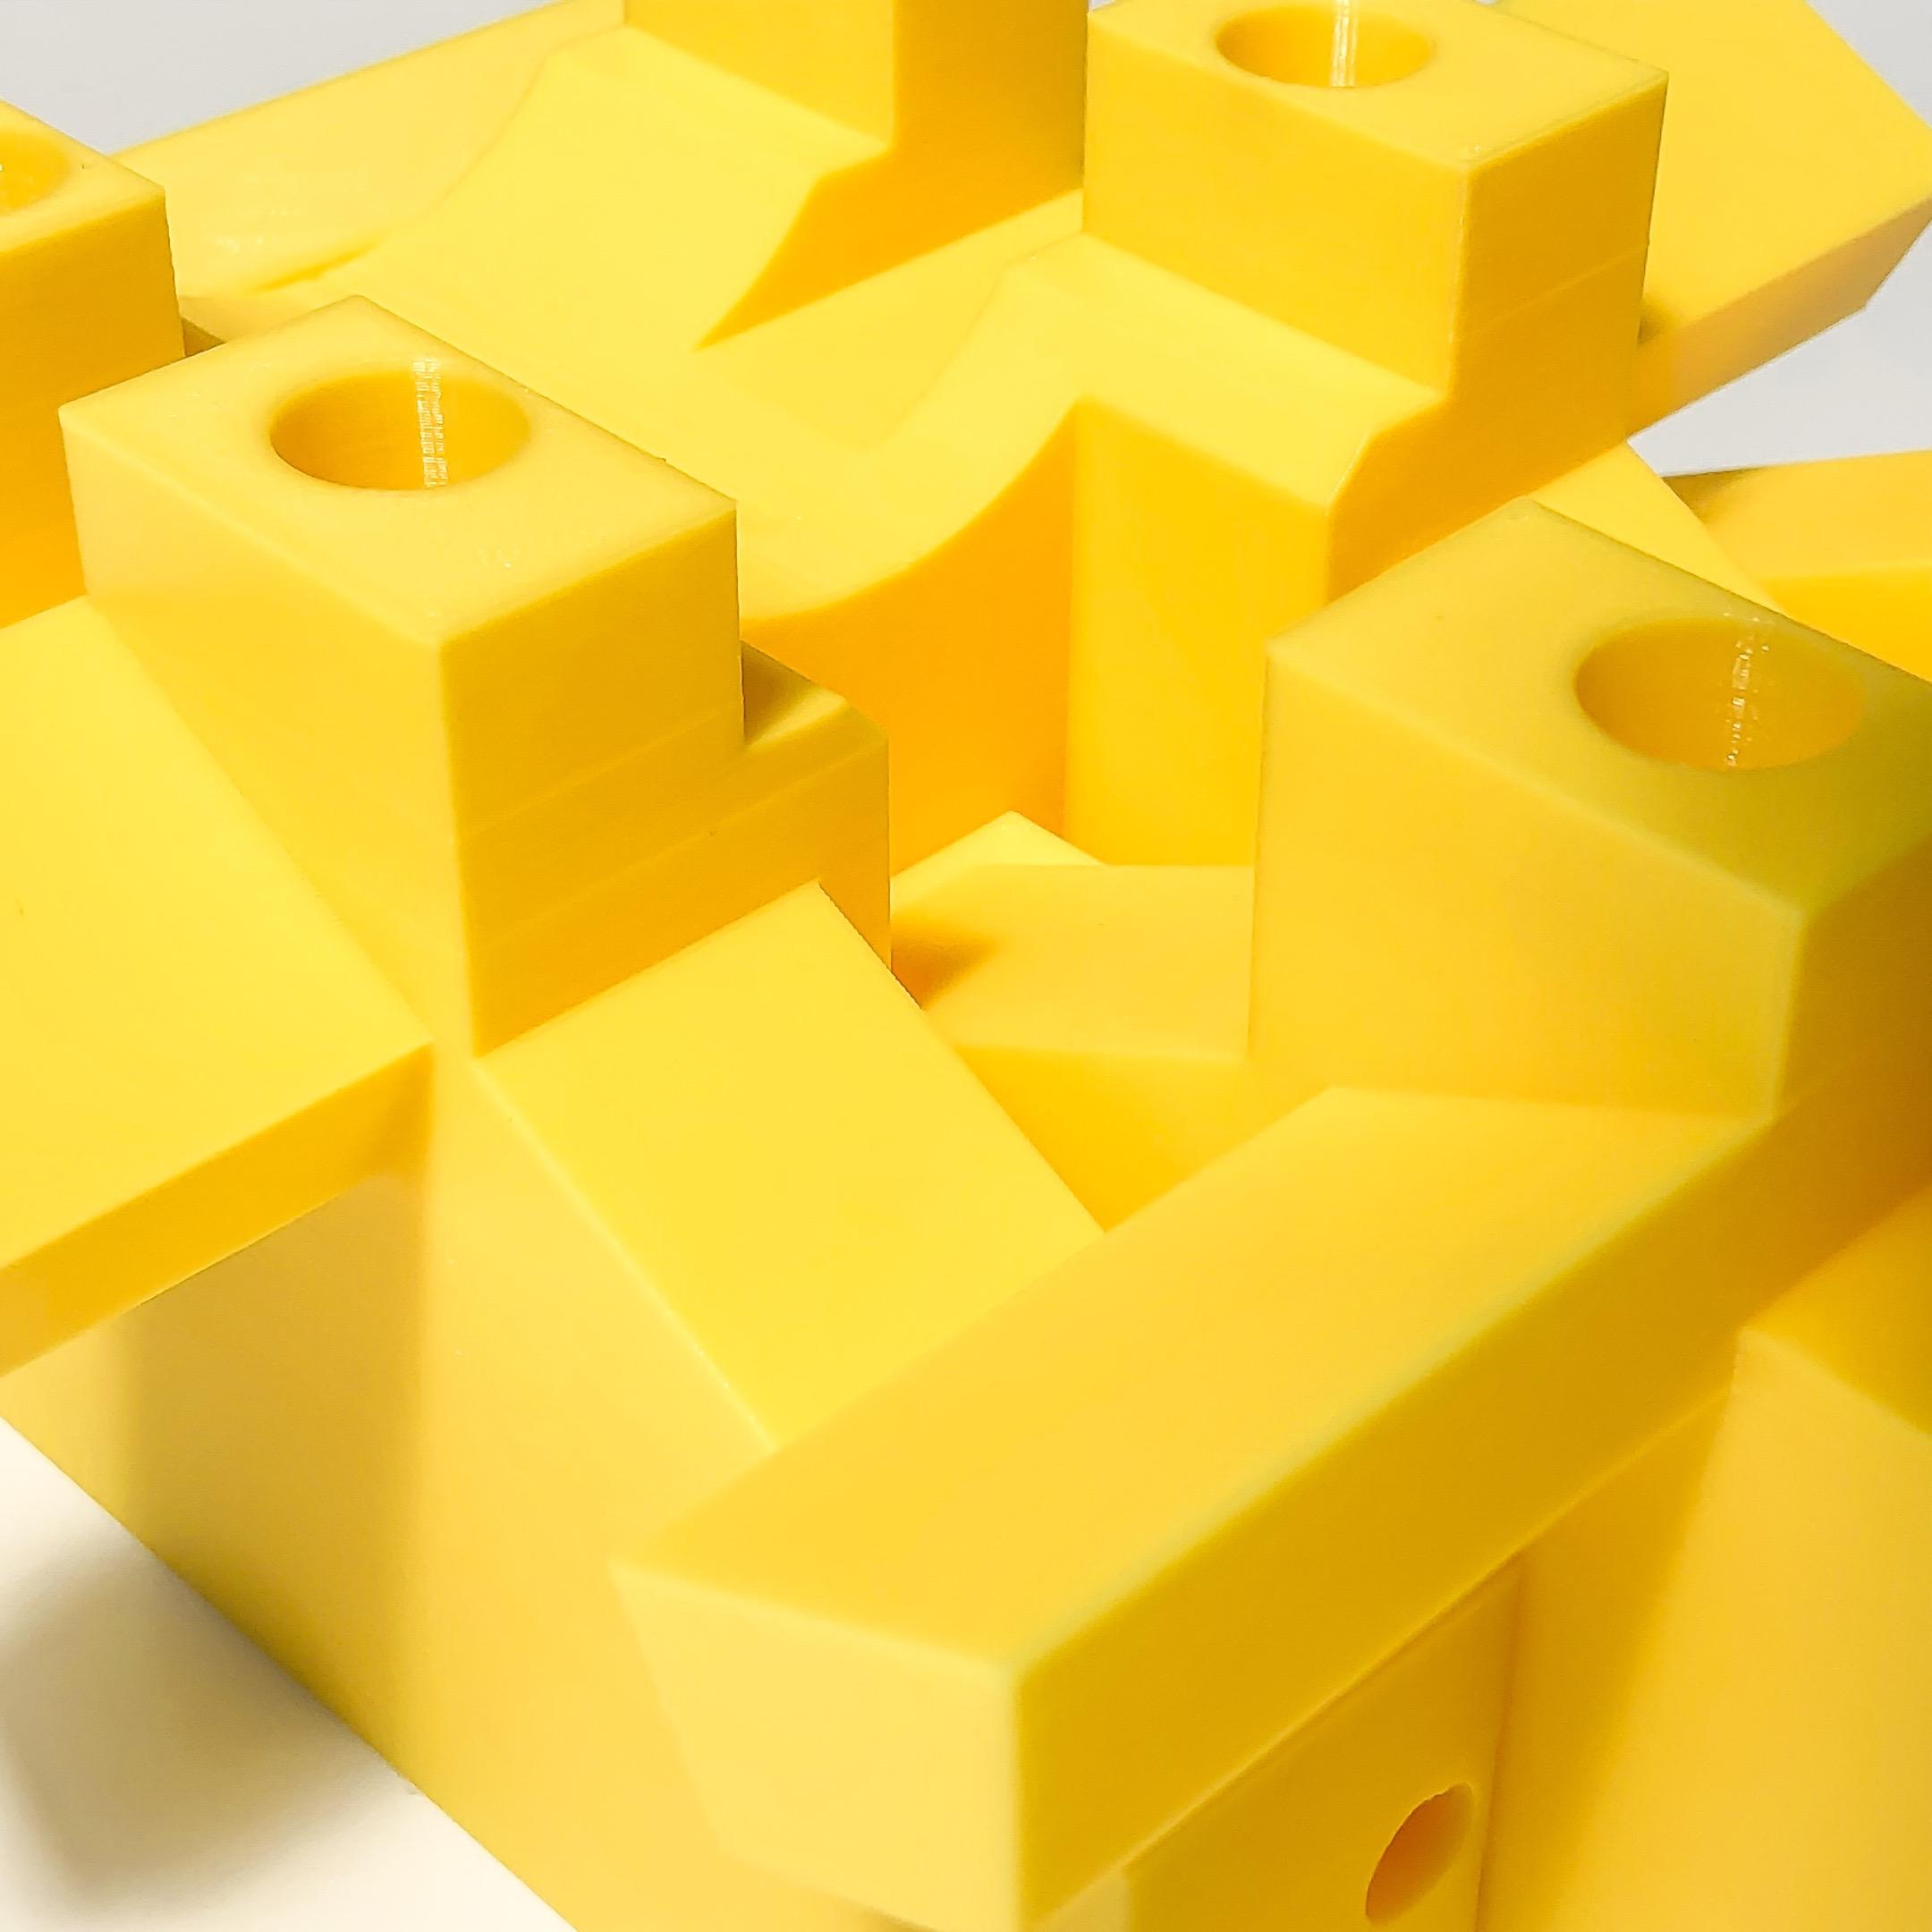 Makelab - 3D Printing Services - PLA Closeup